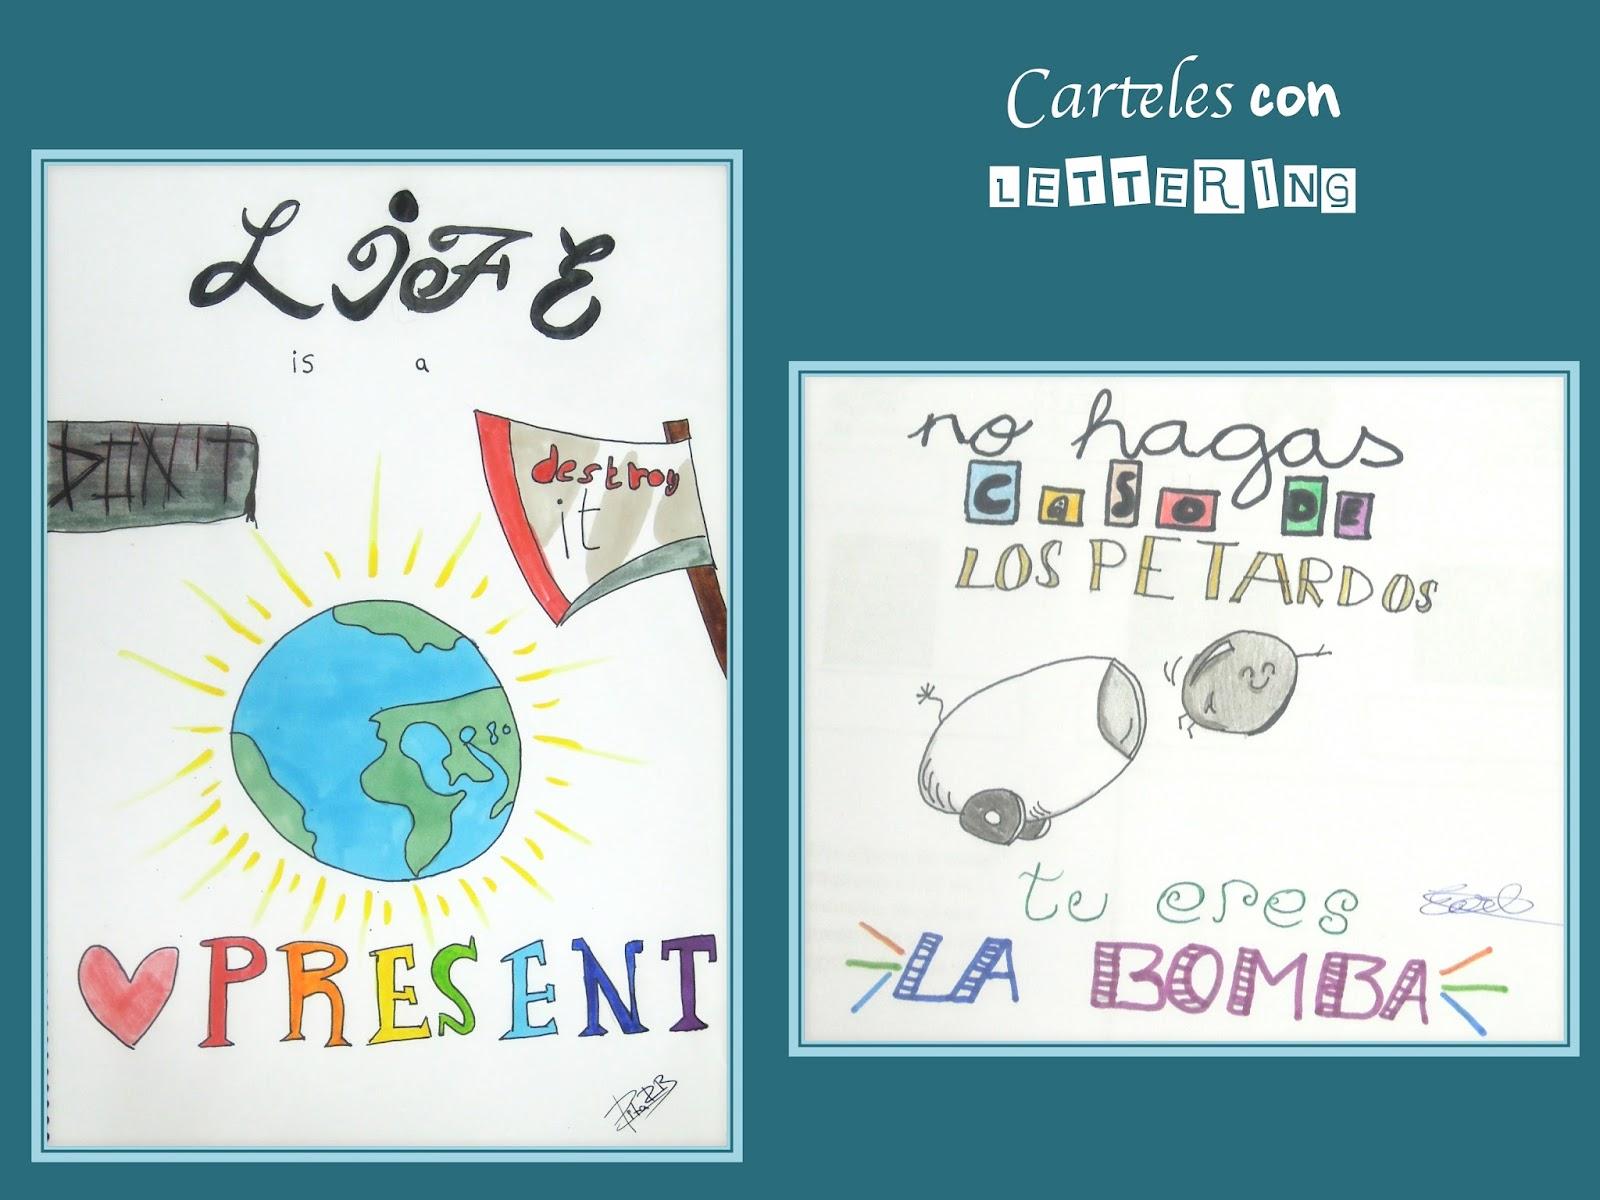 Dibujos Del Cuidado Del Medio Ambiente Finest Publicado: Carteles Sobre El Cuidado Del Medio Ambiente Mesa Y Lapiz